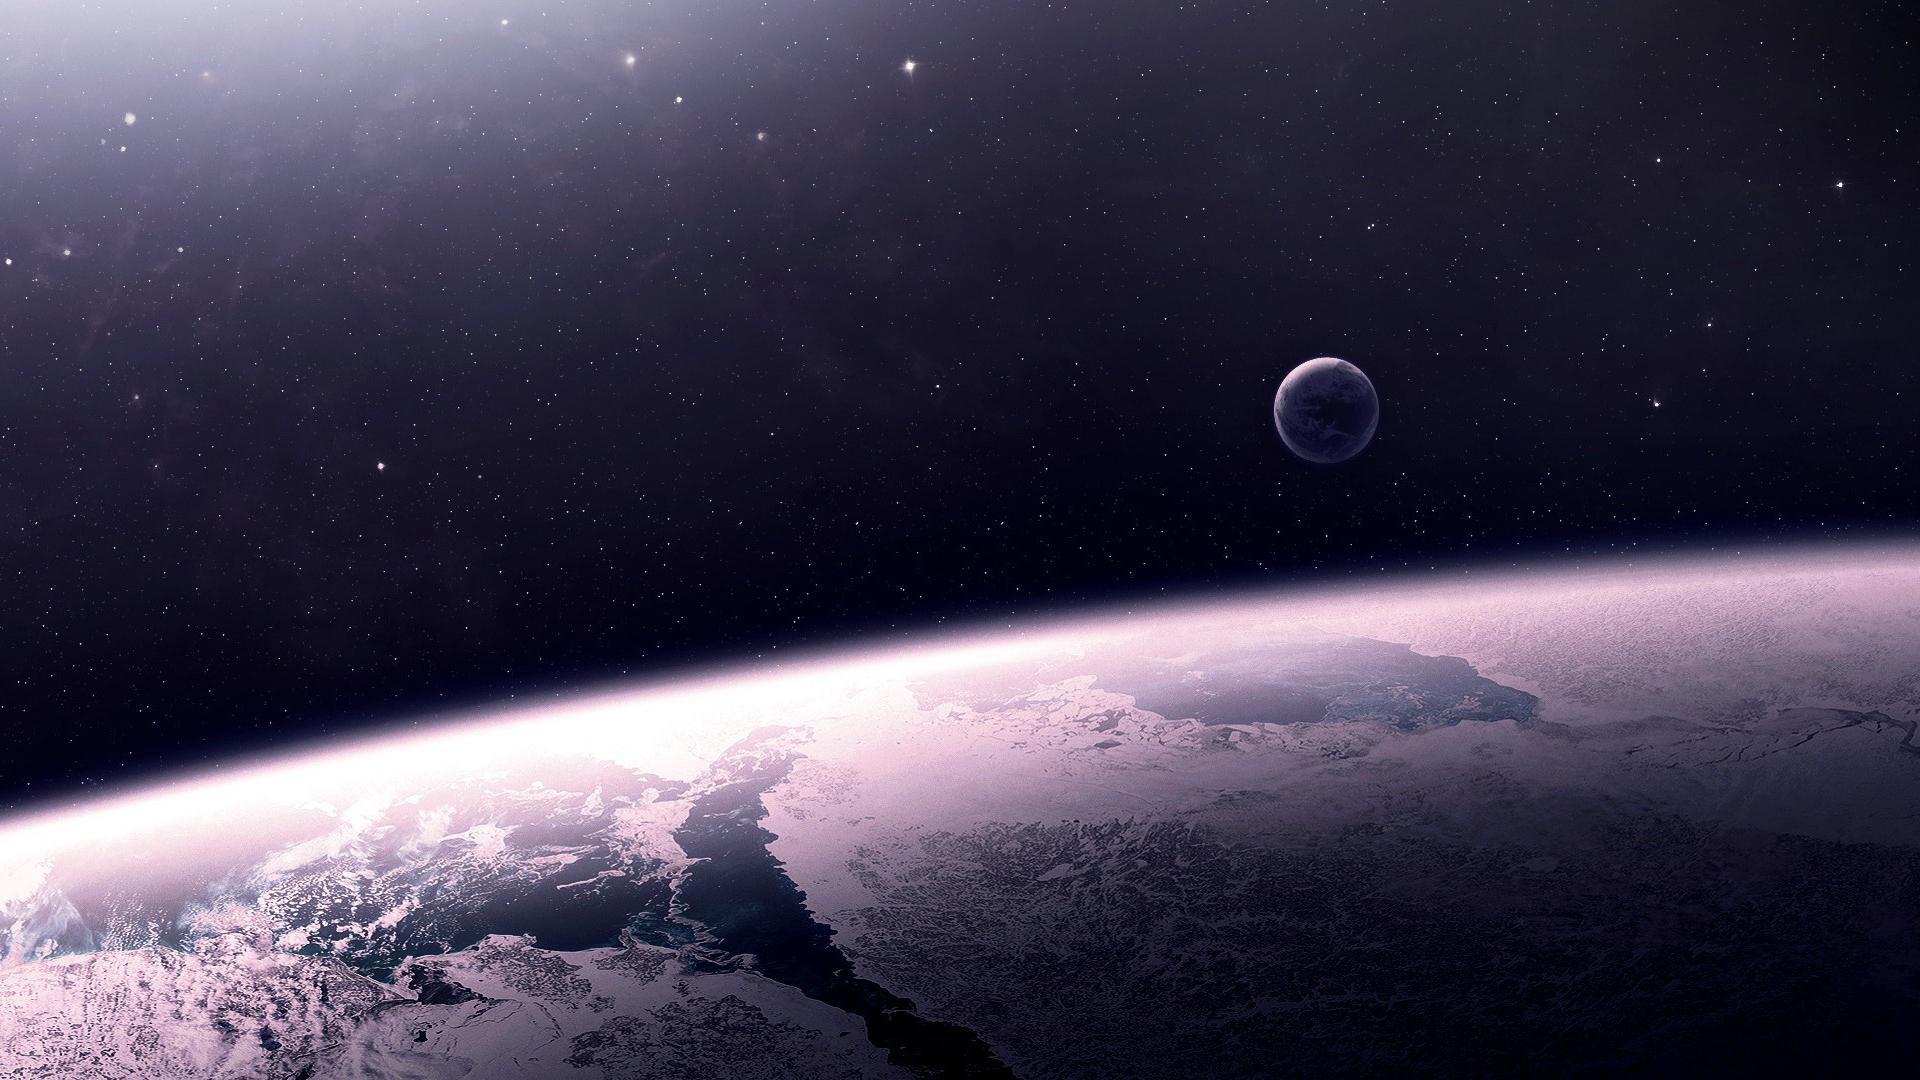 General 1920x1080 space art space planet digital art atmosphere stars artwork ice